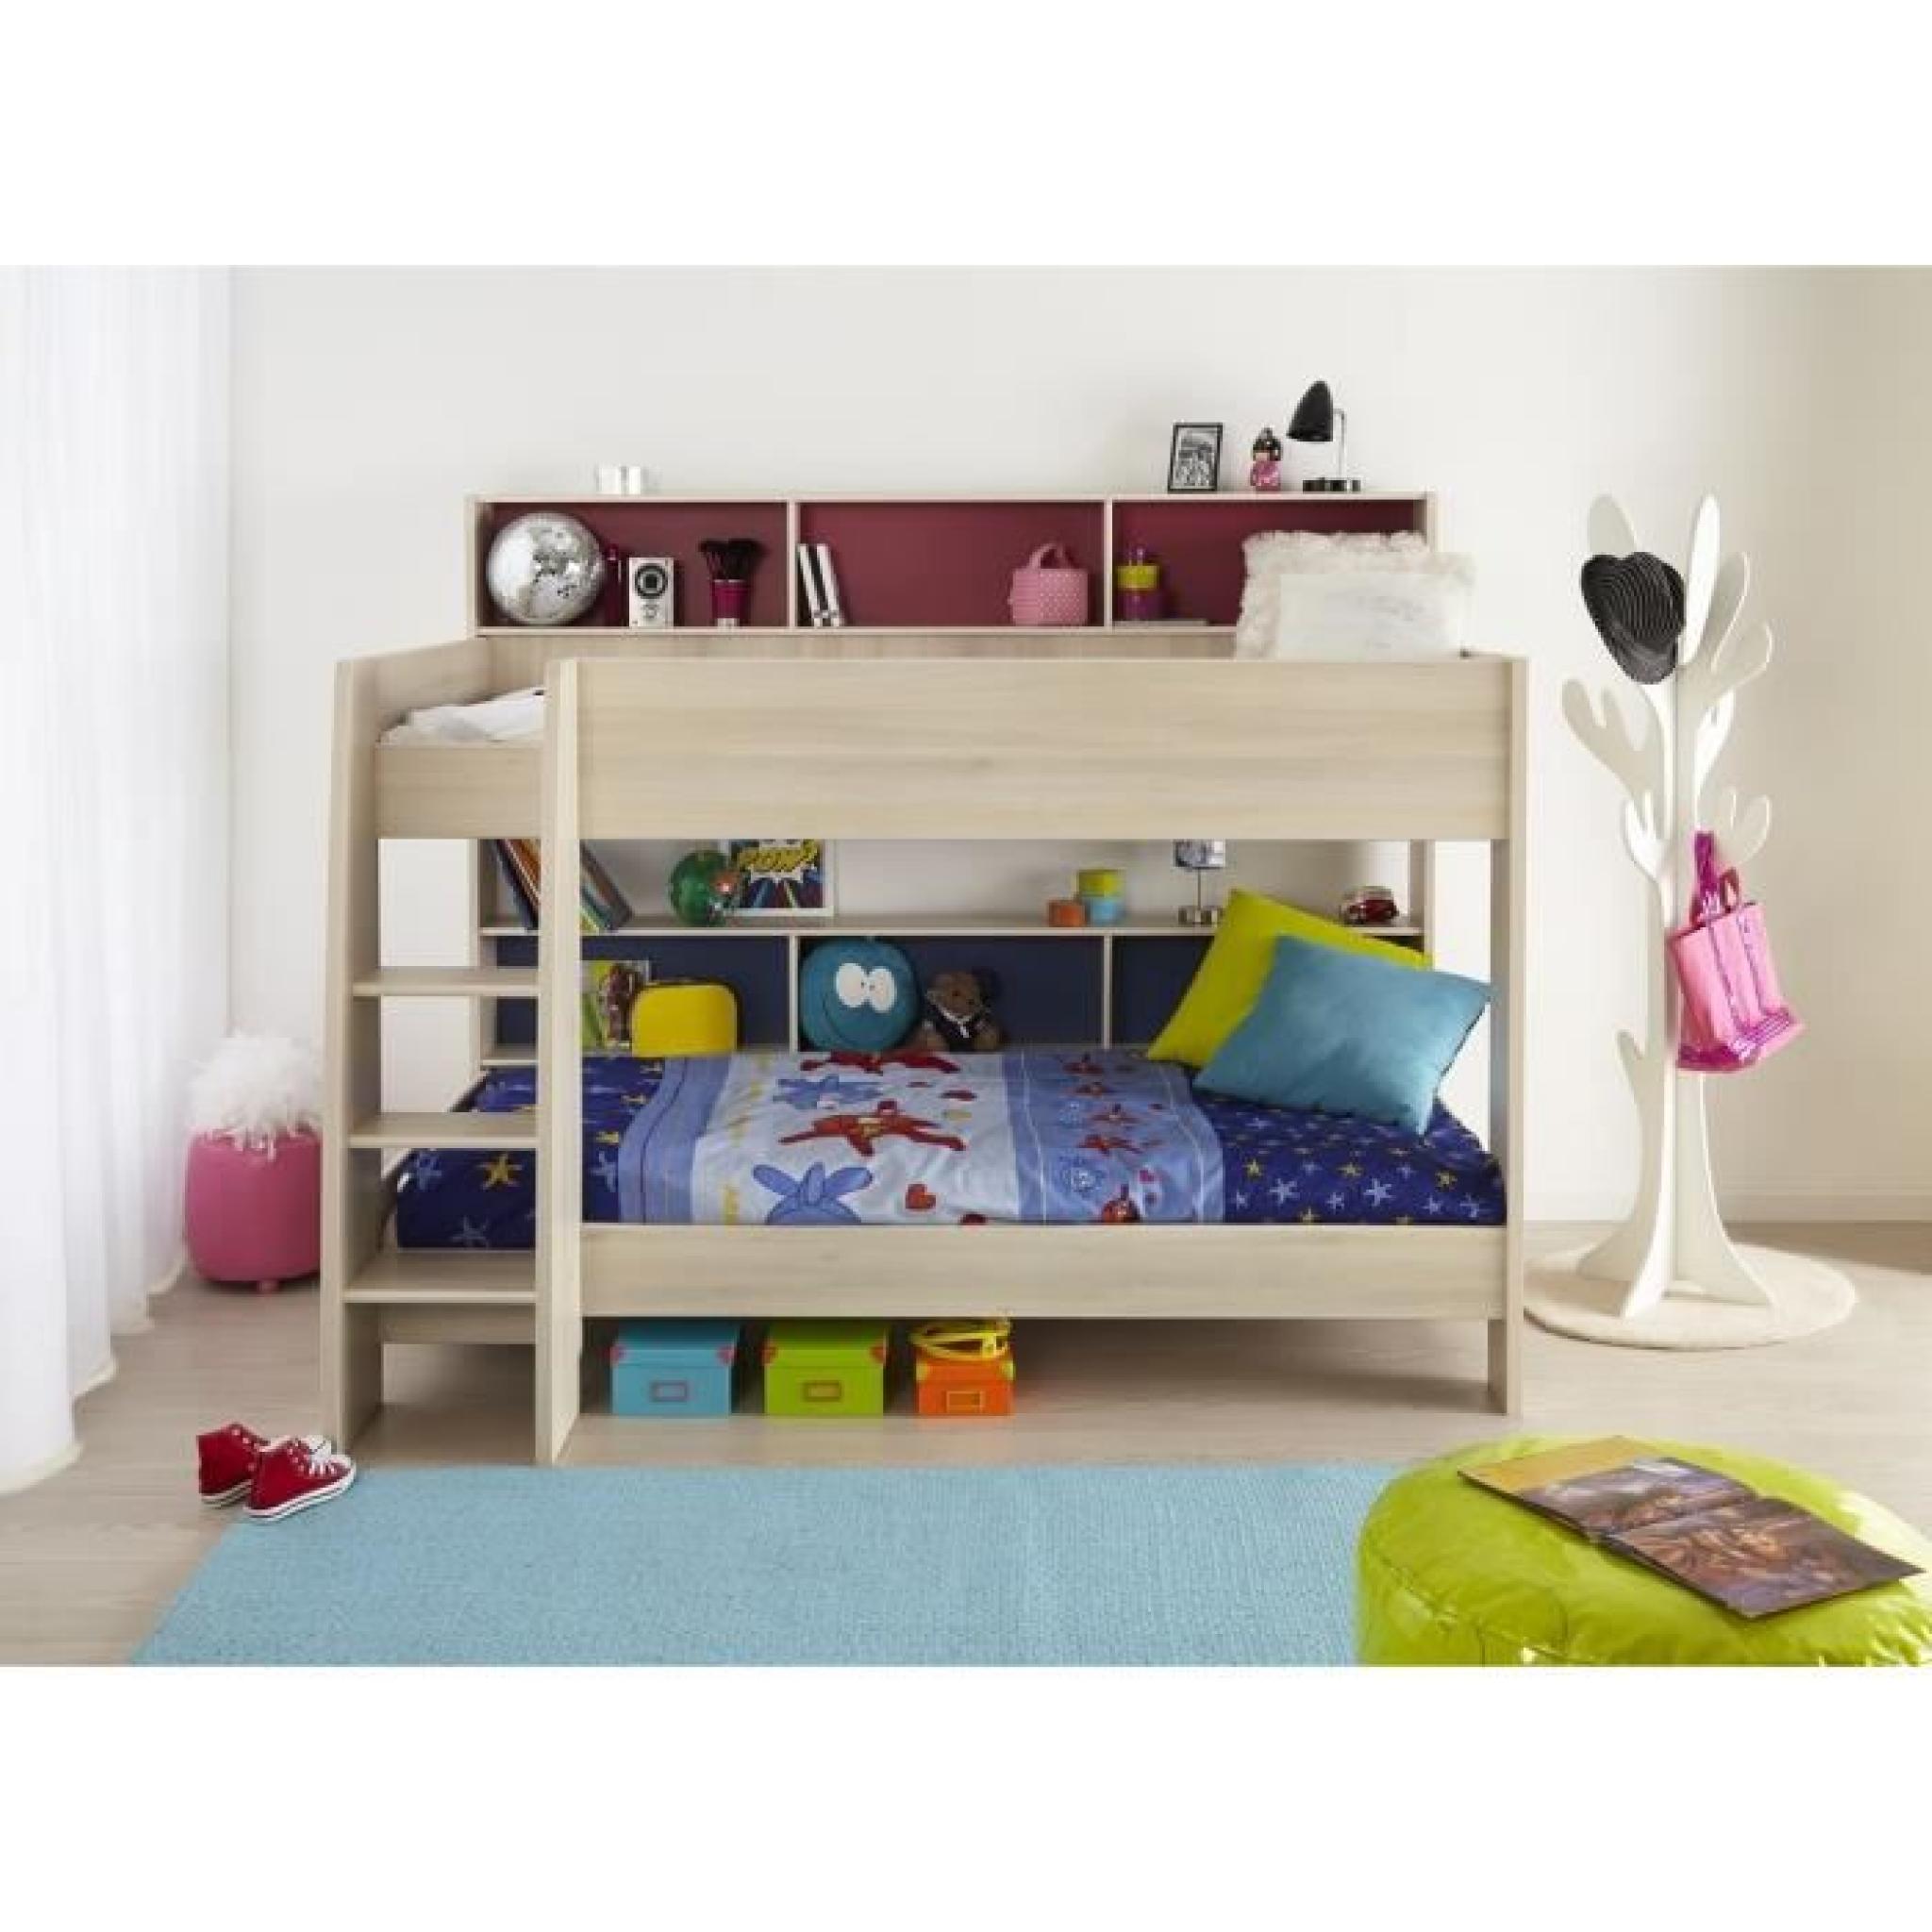 noa lit enfant superpos 90x200 cm acacia rose et bleu achat vente lit pas cher couleur et. Black Bedroom Furniture Sets. Home Design Ideas